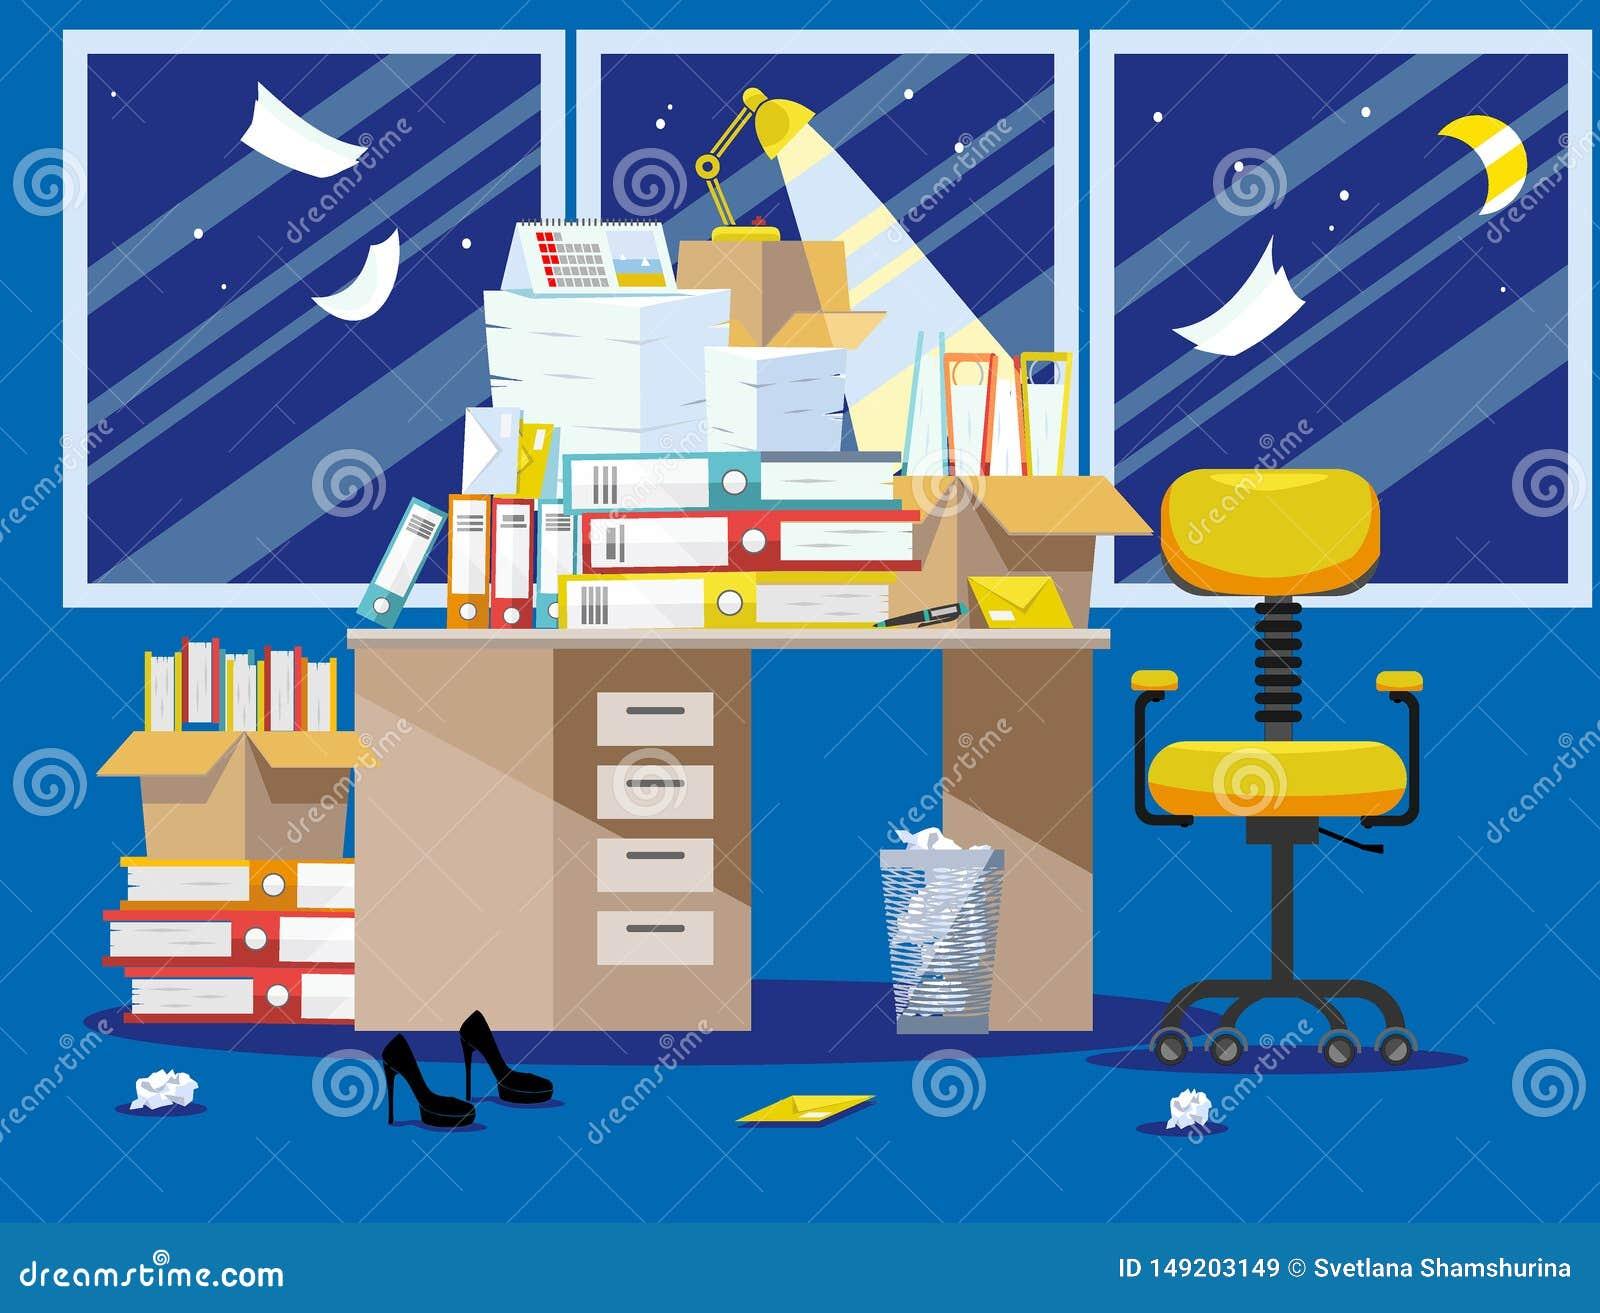 Nithtperiode van accountants en financierrapportenvoorlegging Stapel van document documenten en dossieromslagen in kartonvakjes